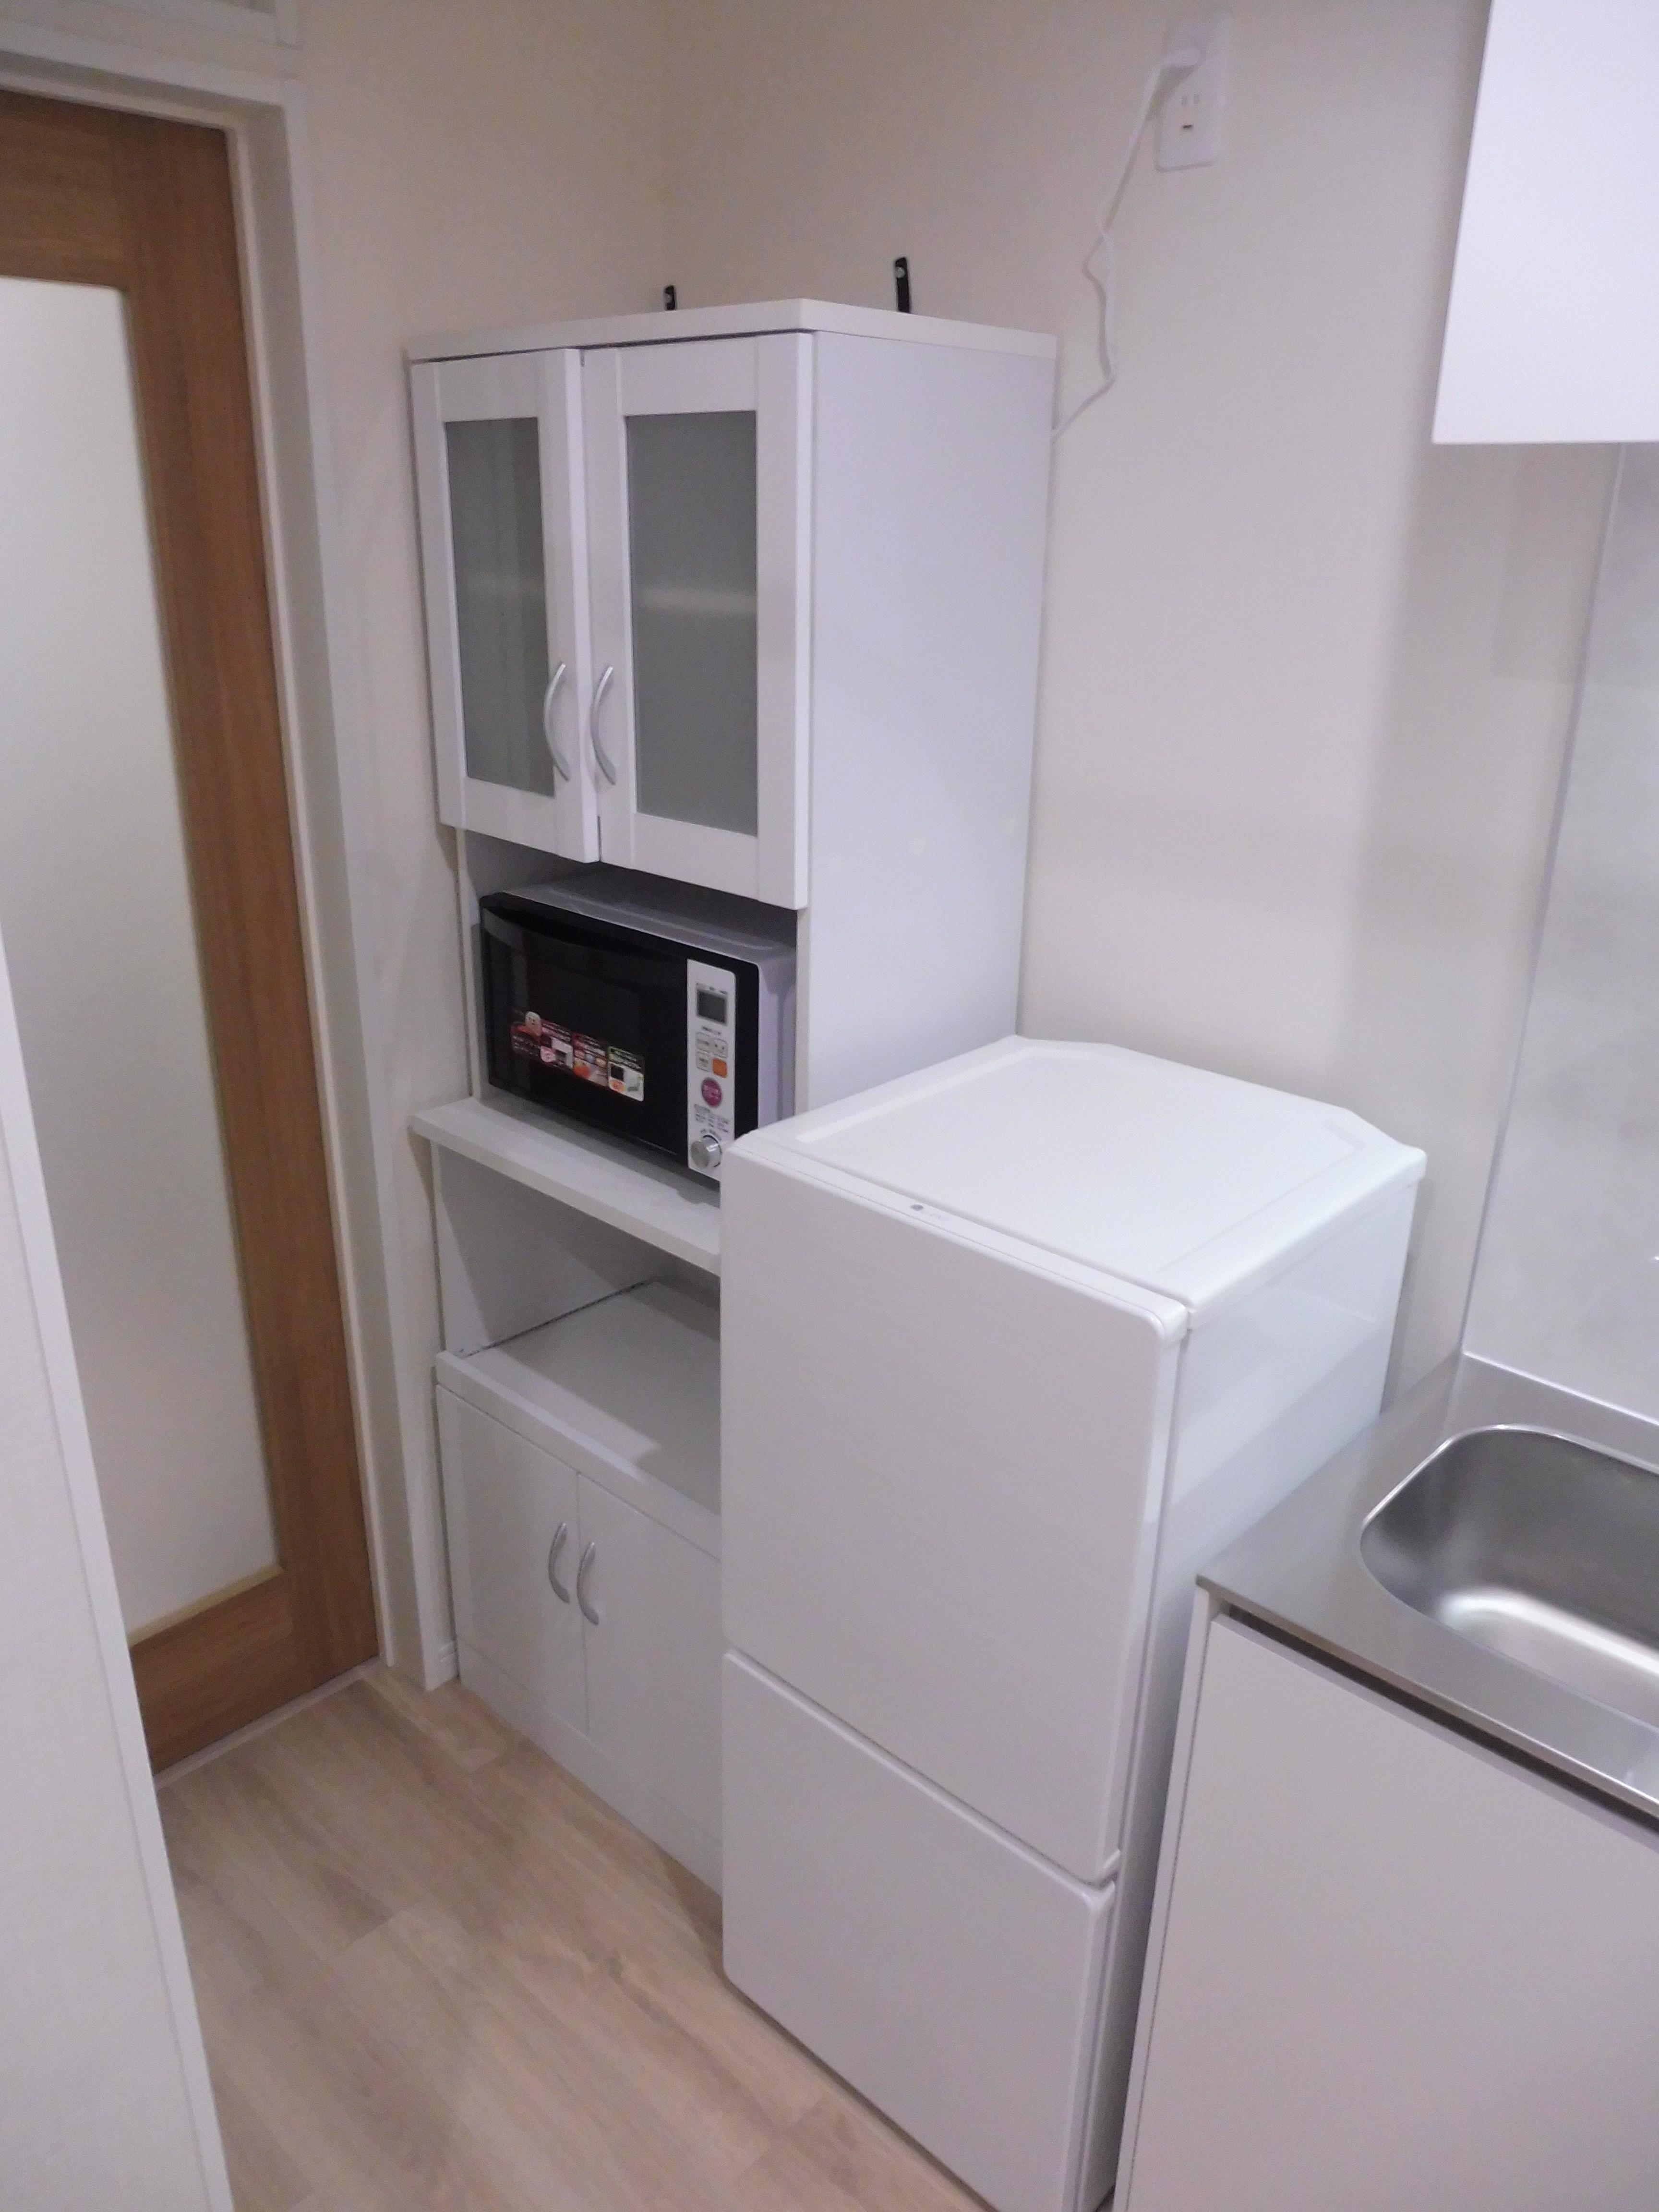 冷蔵庫、電子レンジ、食器棚も完備しています。